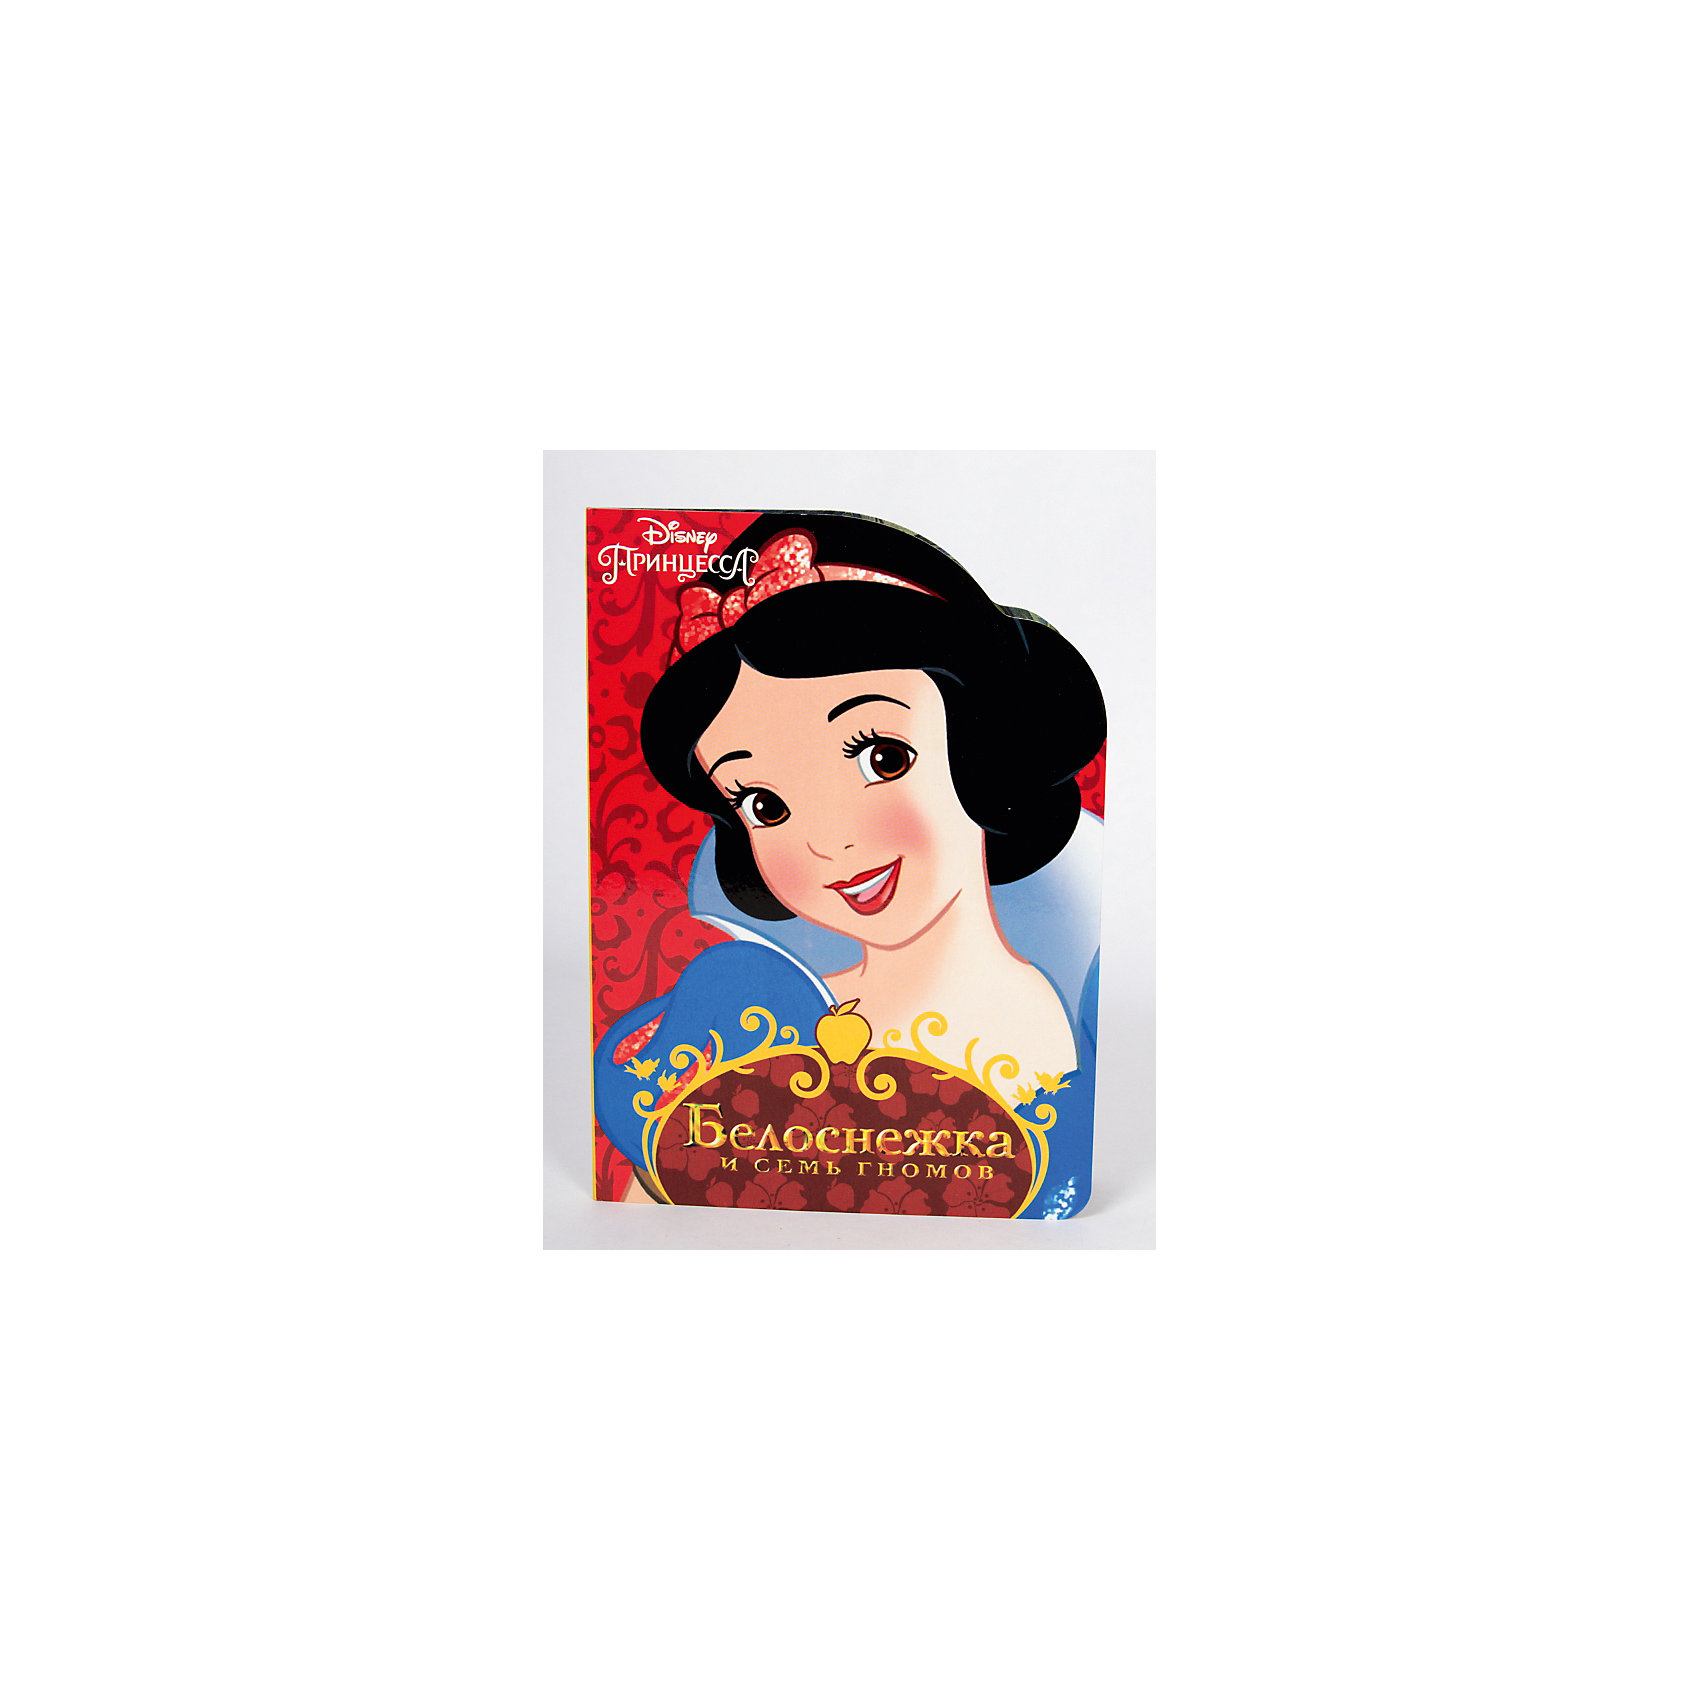 Книга Вырубка. Белоснежка, DisneyРазвивающие книги<br>Книга Вырубка. Белоснежка, Disney.<br><br>Характеристики:<br><br>• Издательство: Проф-Пресс, 2017 г.<br>• Серия: Disney. Вырубка. Принцессы<br>• Тип обложки: картонная обложка<br>• Оформление: вырубка<br>• Иллюстрации: цветные<br>• Количество страниц: 10 (картон)<br>• Размер: 221x158x4 мм.<br>• Вес: 128 гр.<br>• ISBN: 9785378268177<br><br>Любимые герои Disney снова с нами! Кто на свете всех милее? Конечно, прекрасная Белоснежка. Удастся ли бедной принцессе спастись от гнева злой Королевы? Читайте об этом на страницах новой серии книг с вырубкой! Для чтения взрослыми детям.<br><br>Книгу Вырубка. Белоснежка, Disney можно купить в нашем интернет-магазине.<br><br>Ширина мм: 160<br>Глубина мм: 60<br>Высота мм: 220<br>Вес г: 0<br>Возраст от месяцев: 36<br>Возраст до месяцев: 2147483647<br>Пол: Женский<br>Возраст: Детский<br>SKU: 5452250